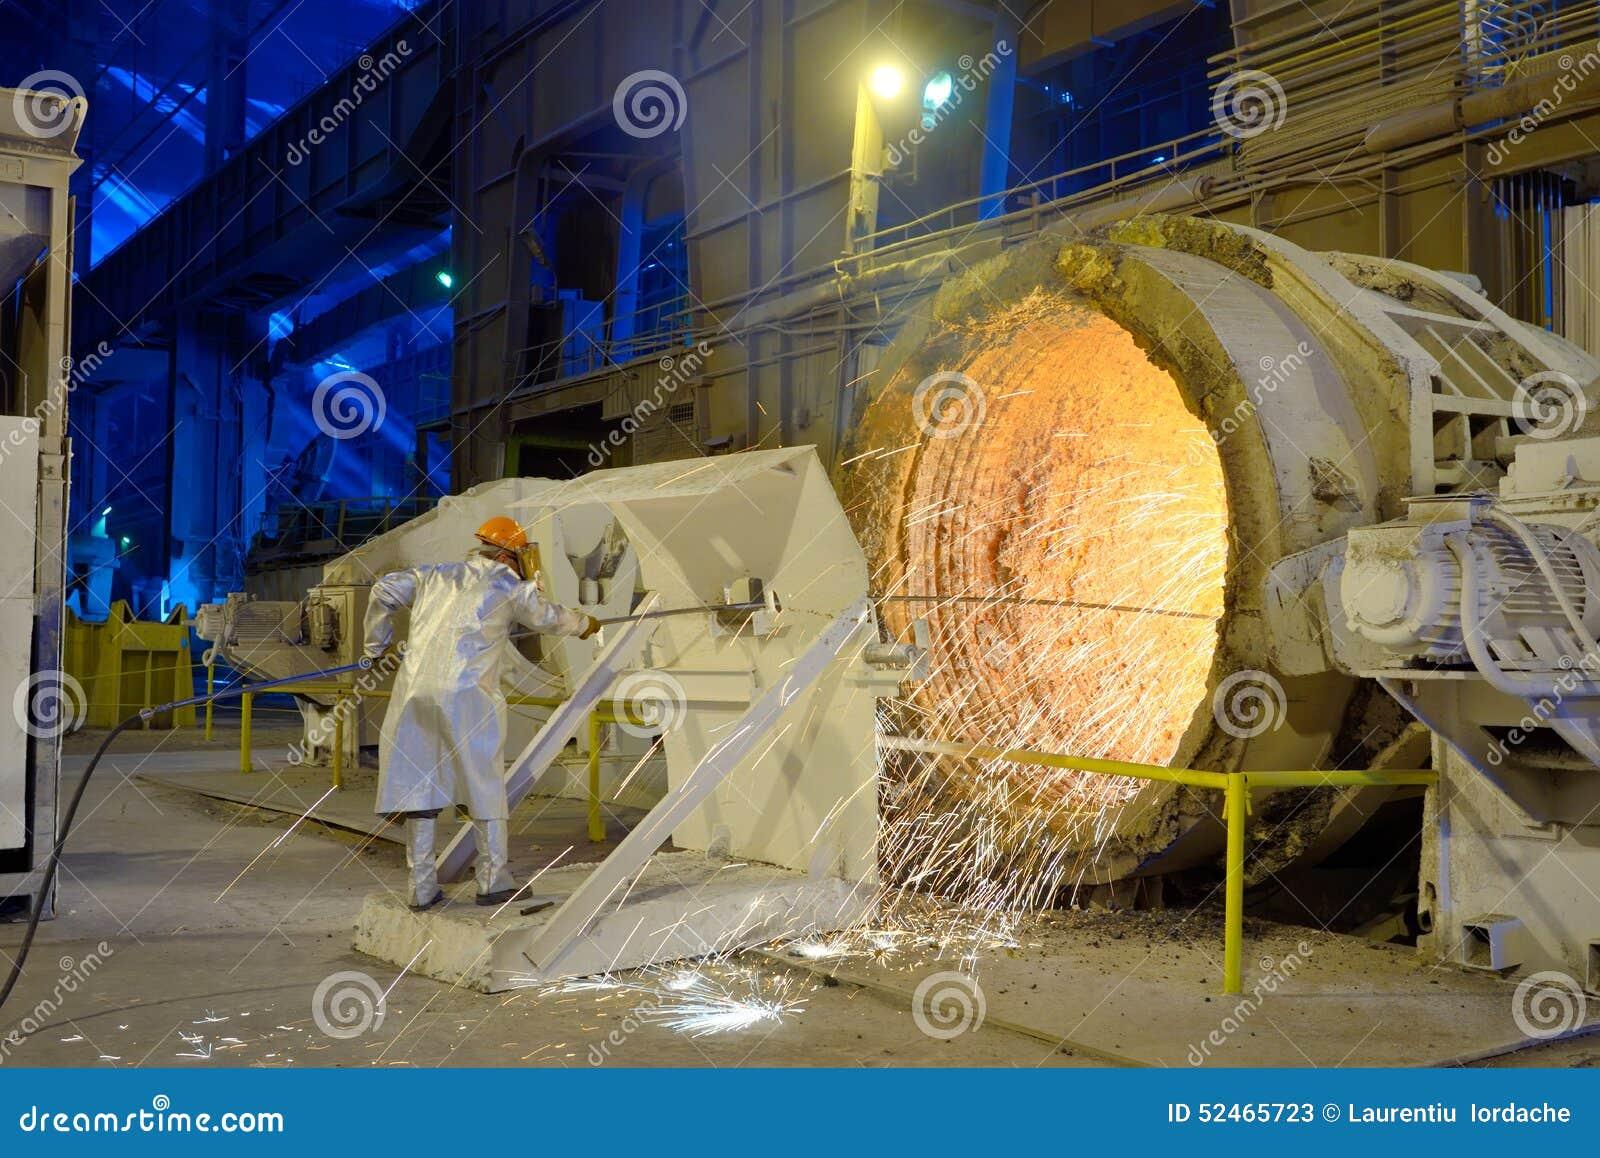 Poche De Fonte De Nettoyage Lintrieur De Lusine Sidrurgique Ud Nettoyage  Interieur Radiateur Fonte With Nettoyage Radiateur Fonte.